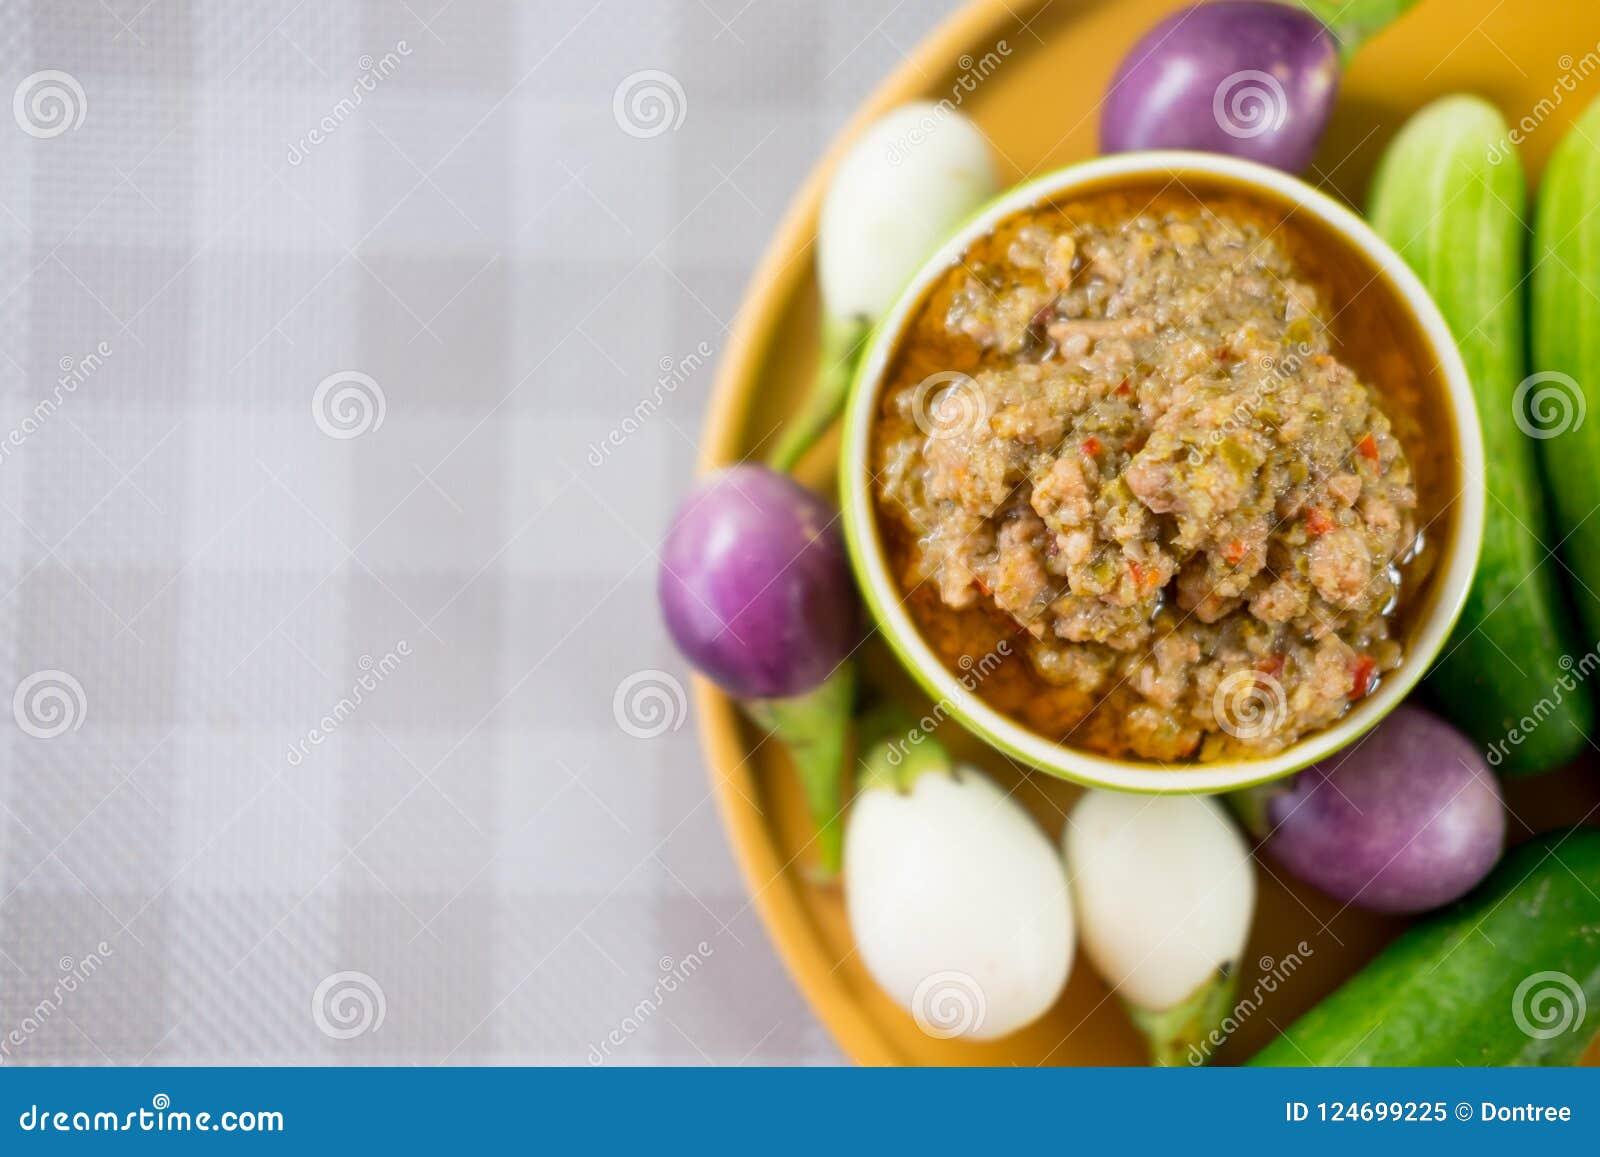 Tamarind Sauce Thailand